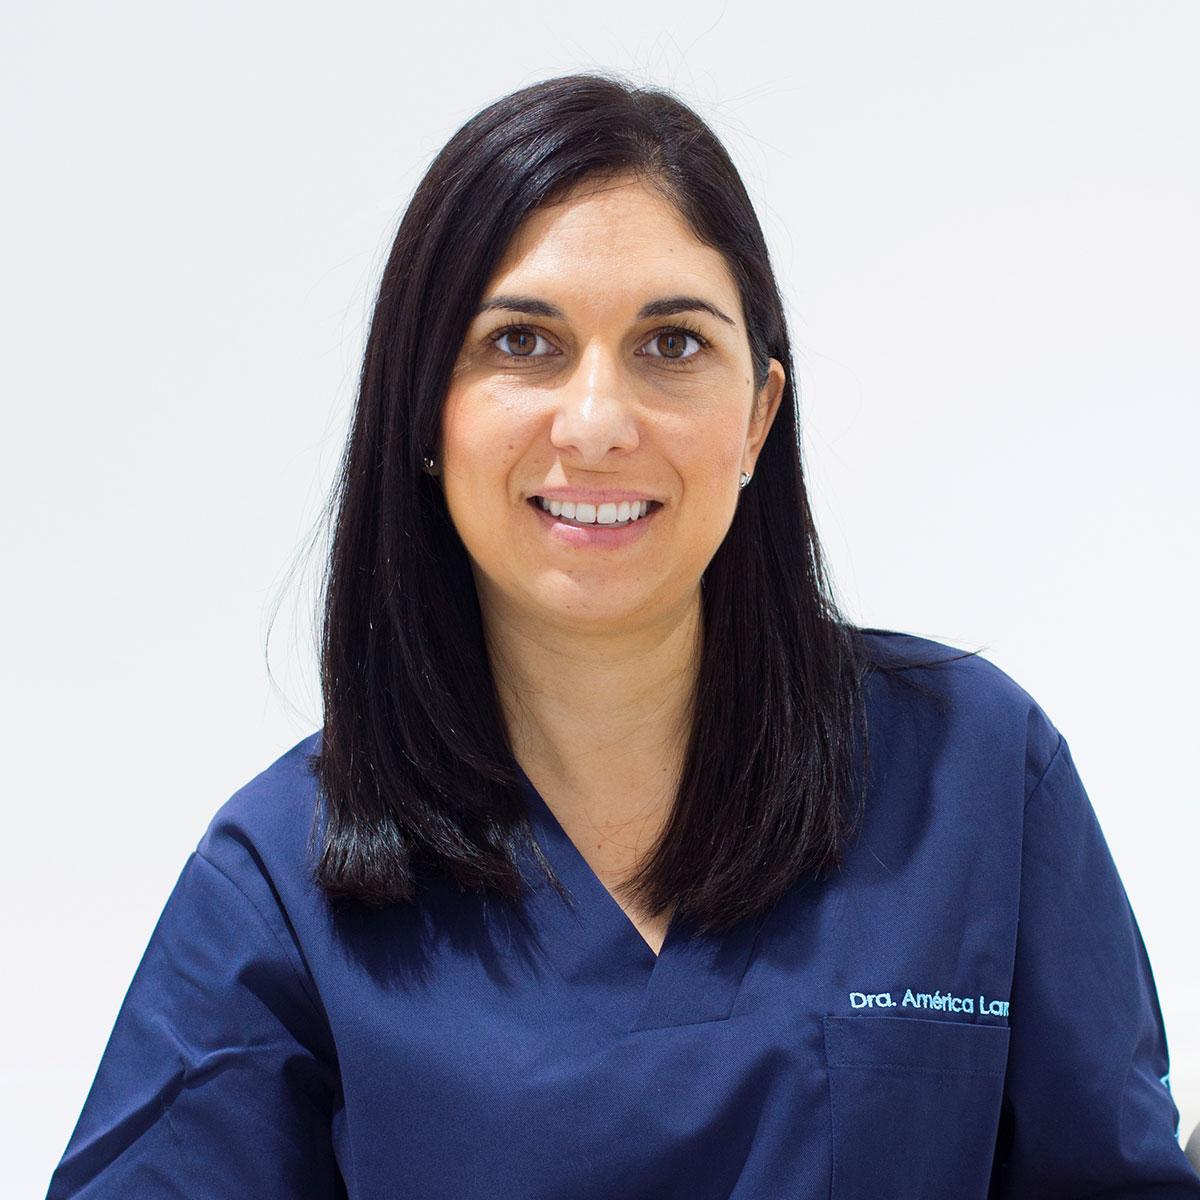 Dra. América Lara - Odontopediatría